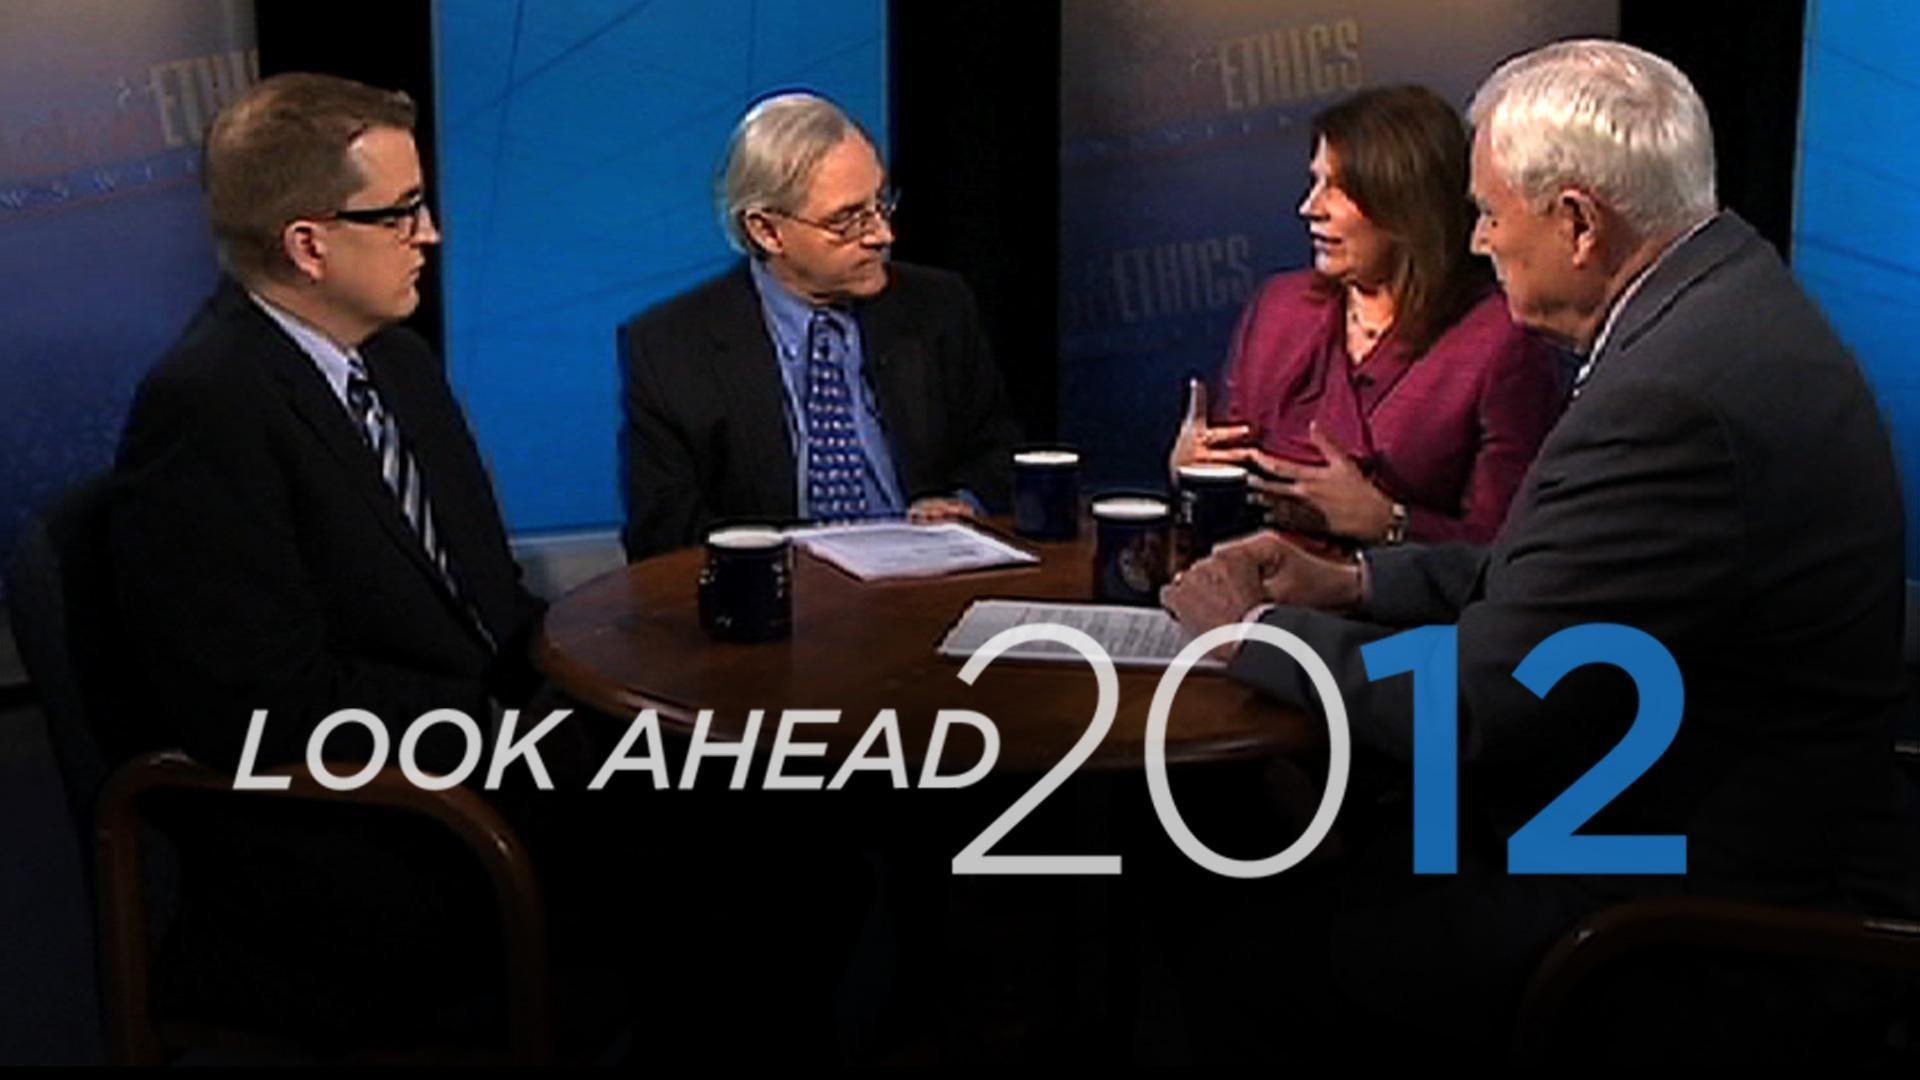 December 30, 2011 image